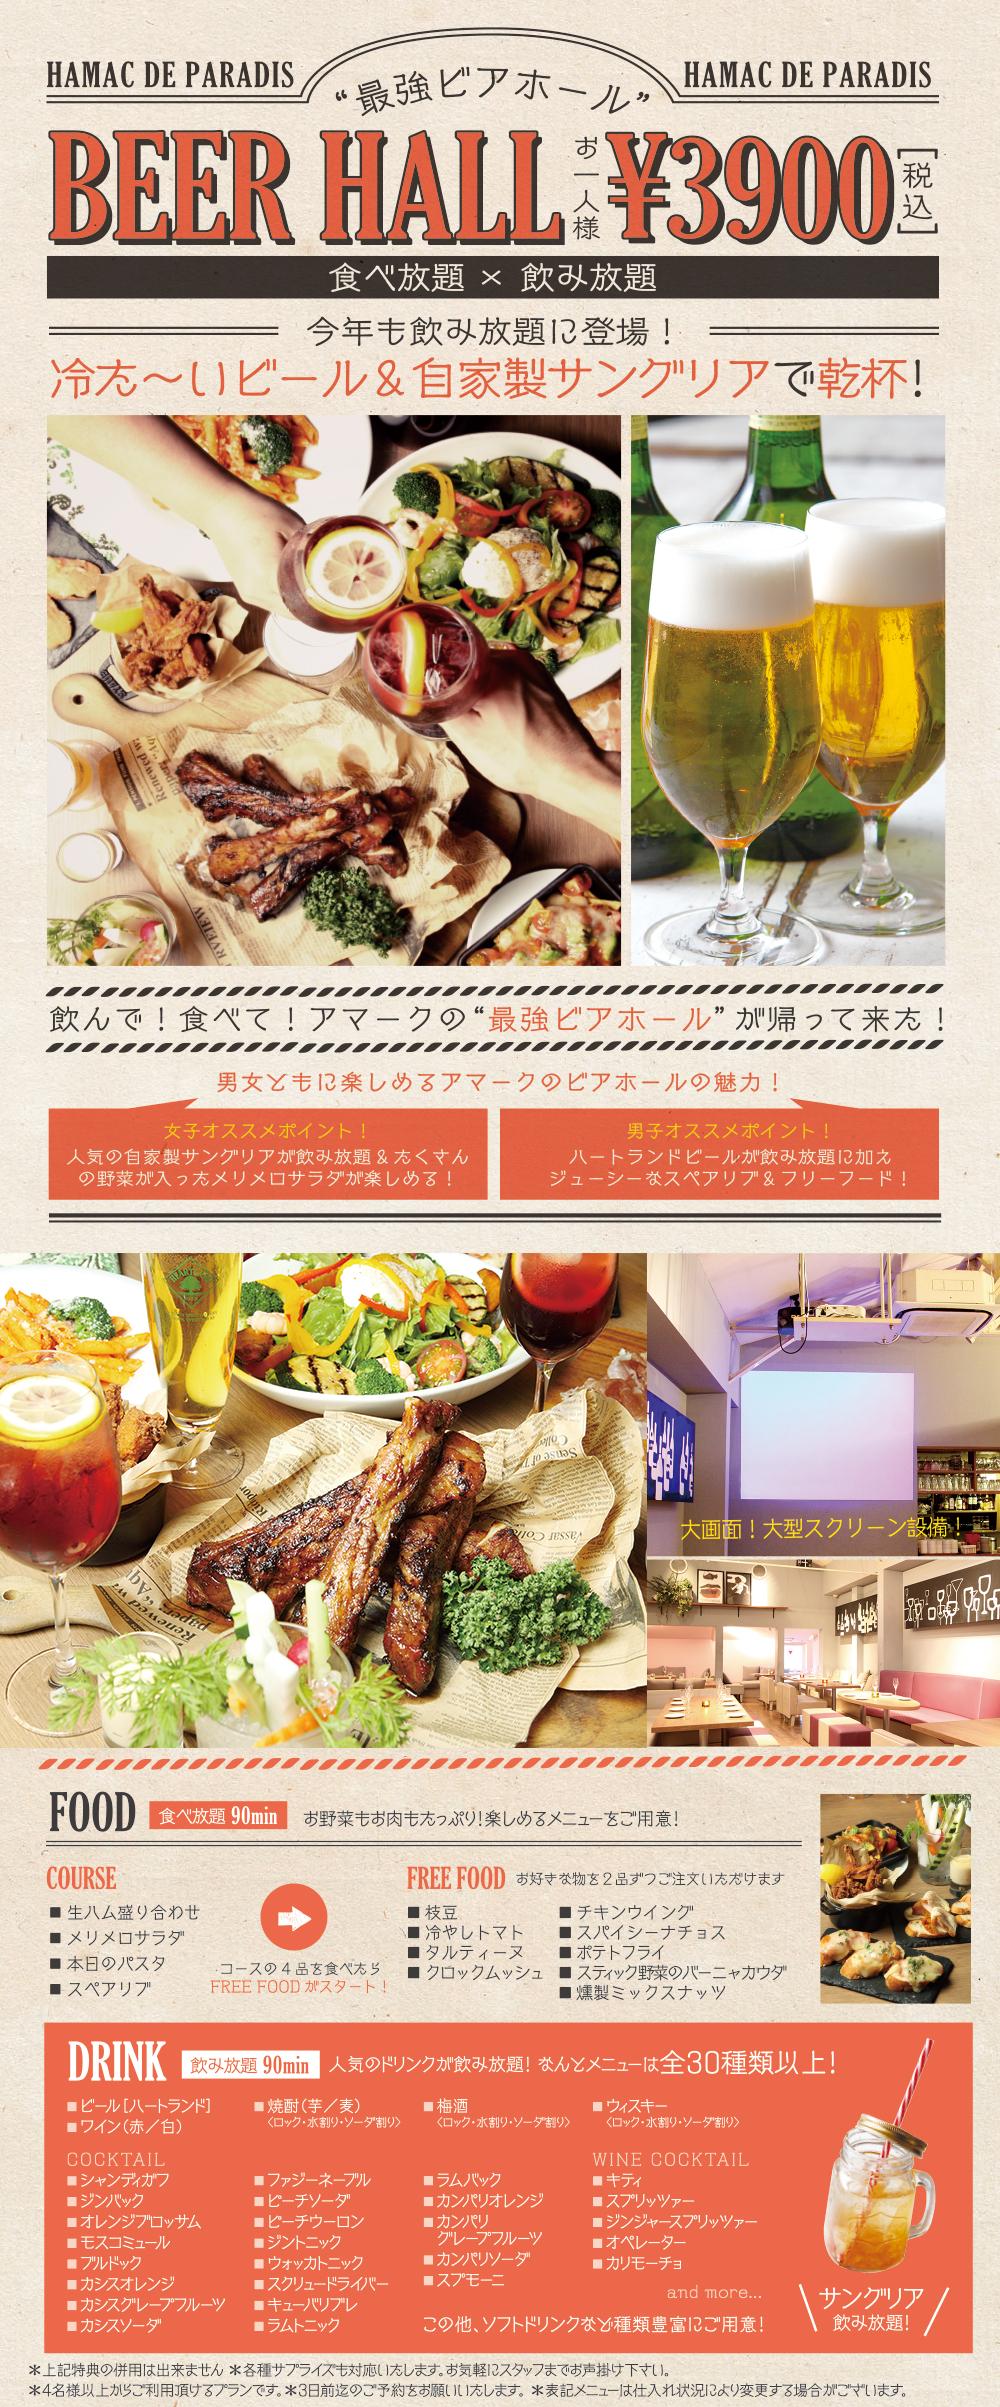 hamac_beer.jpg